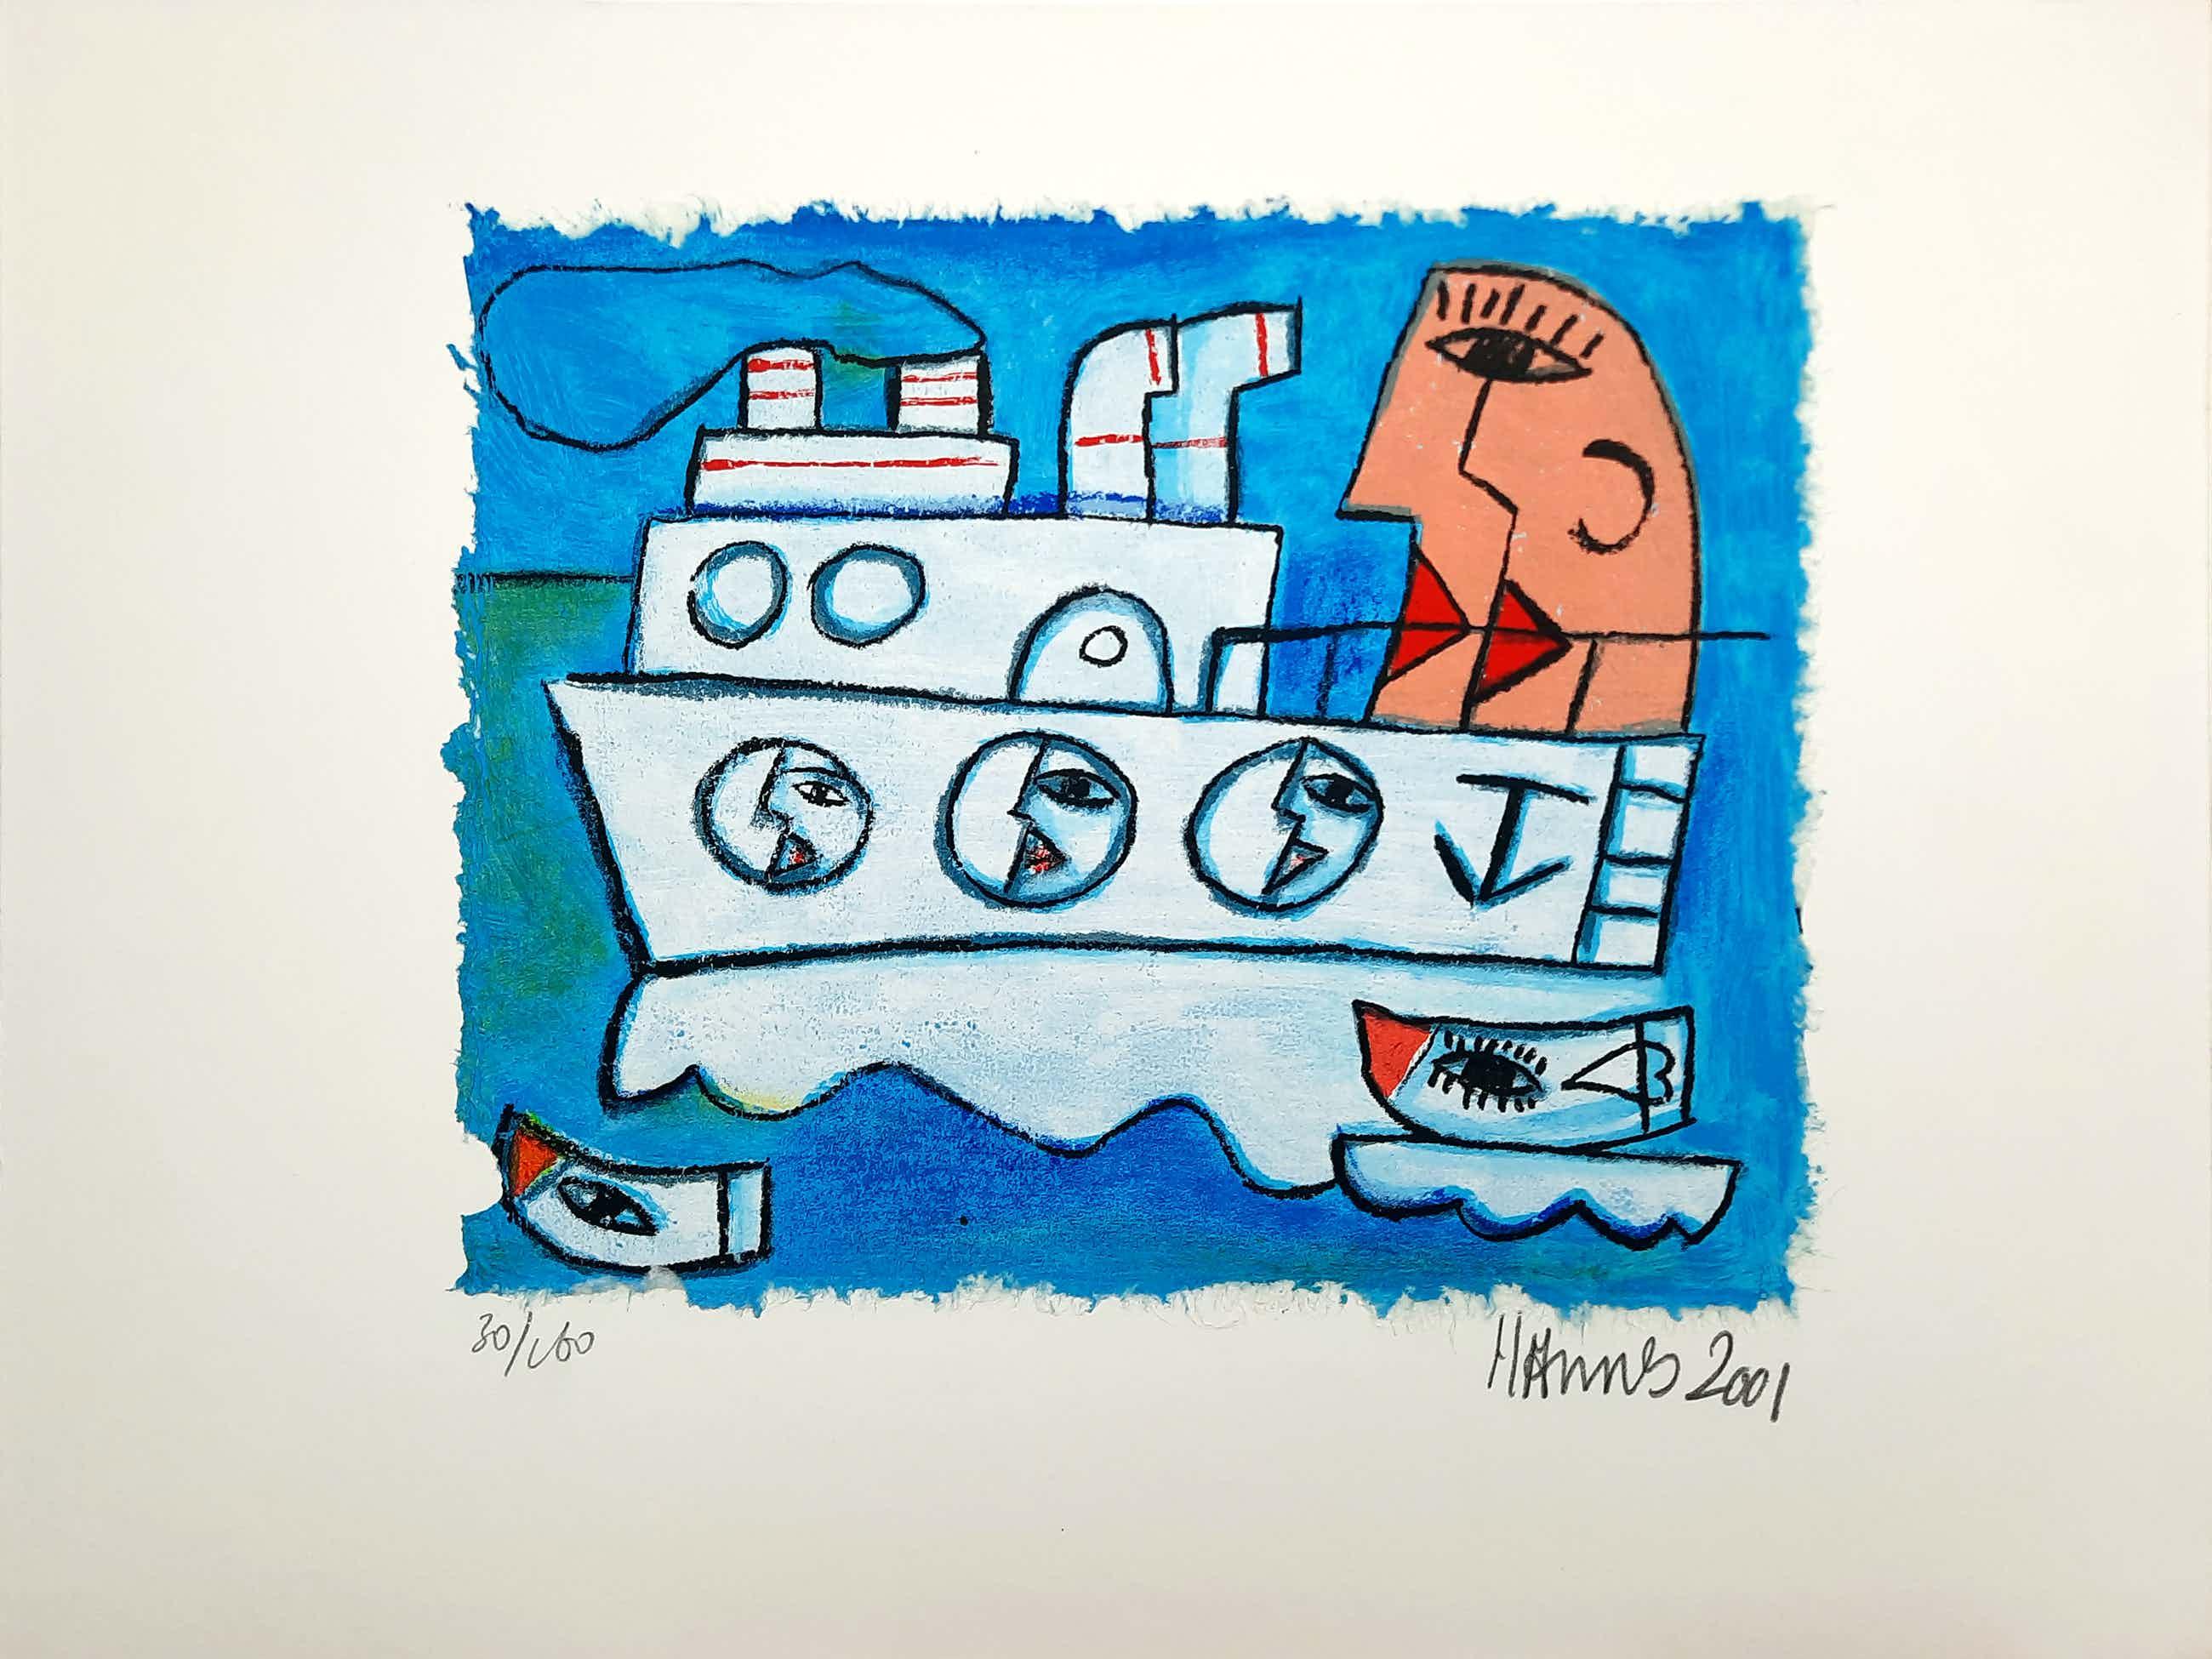 Hannes Kuiper - Zonder titel - vrolijke en kleurrijke zeefdruk 30/160 - 21965 kopen? Bied vanaf 45!